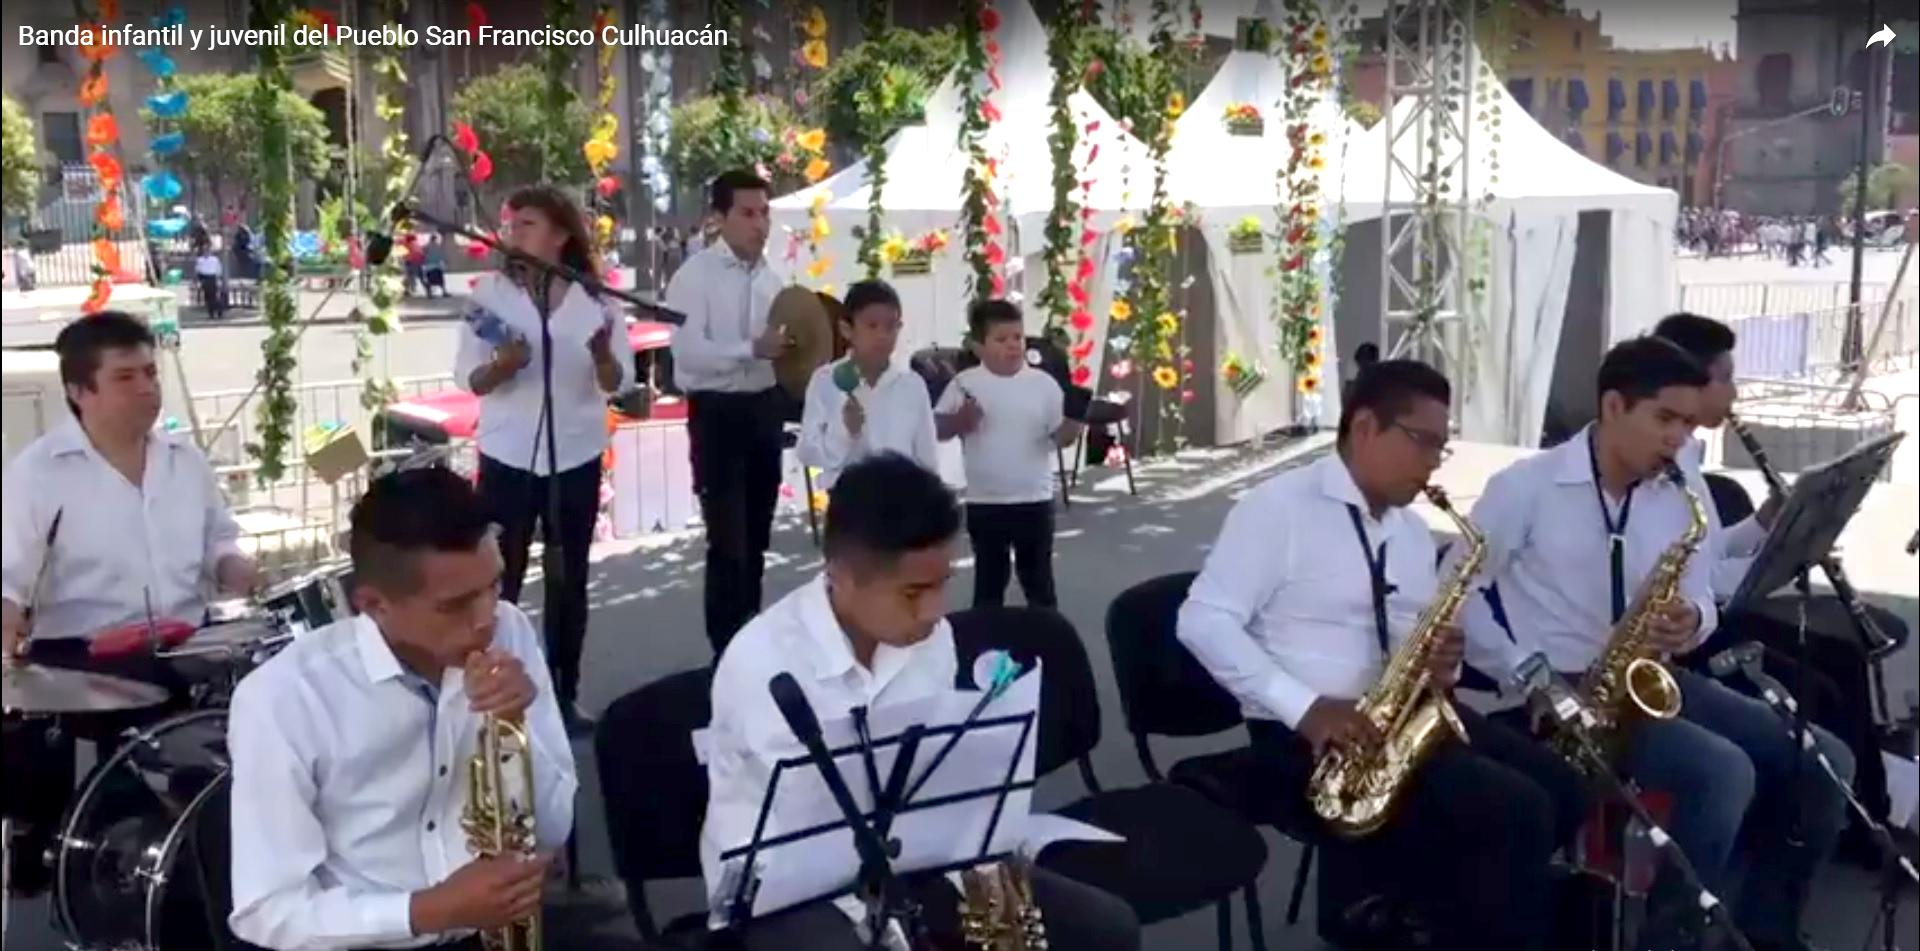 Banda infantil y juvenil del Pueblo de San Francisco Culhuacán